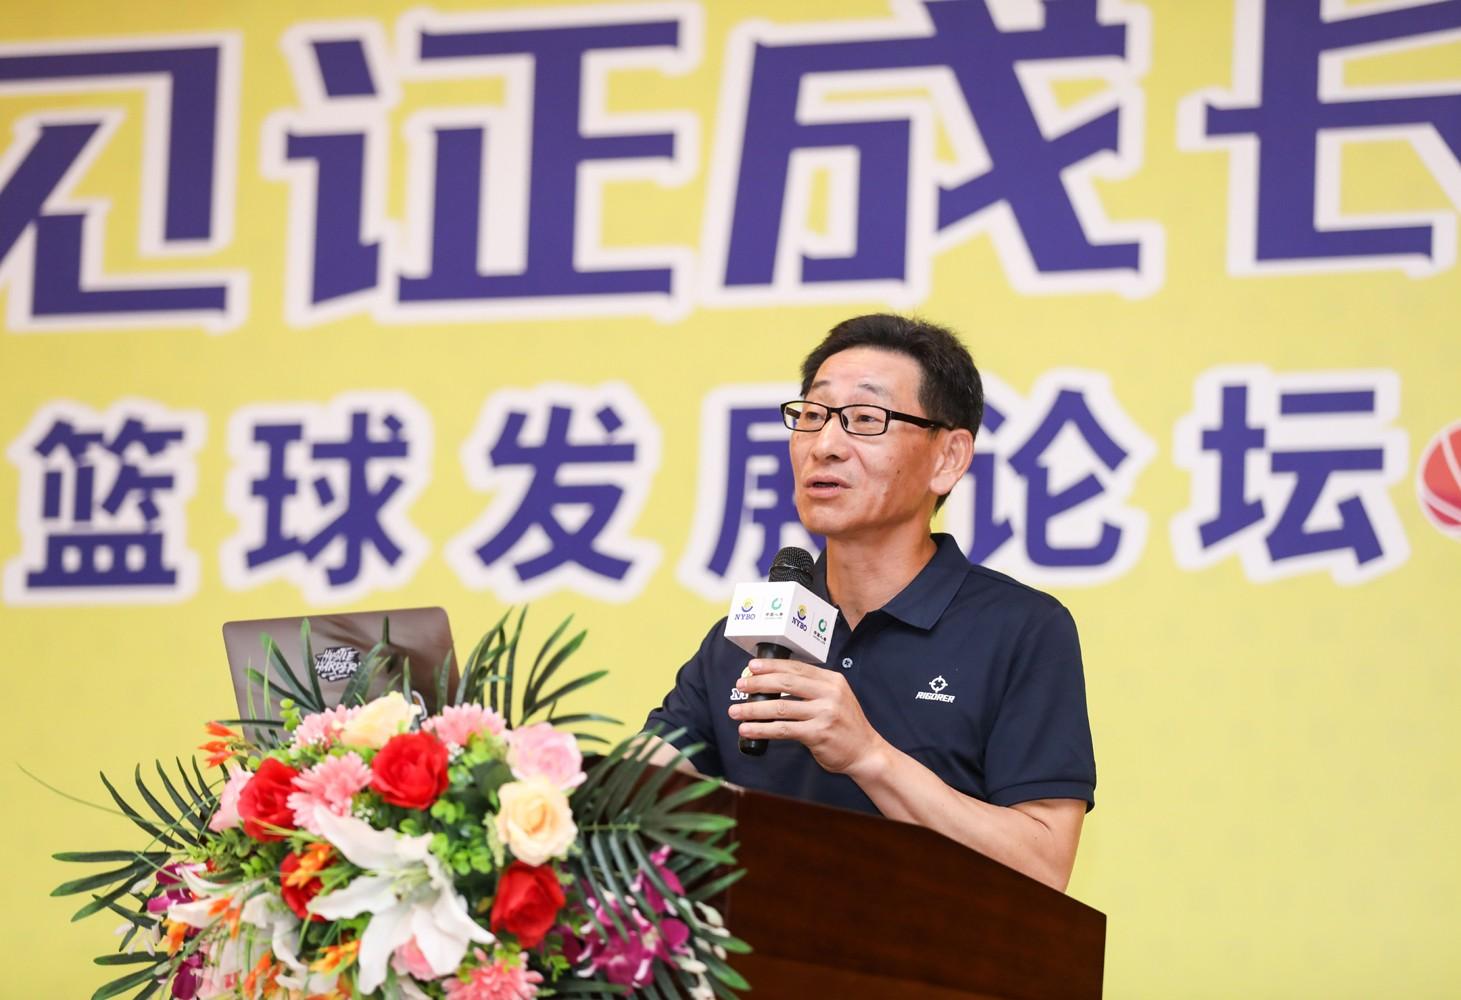 10.中国体育经济研究中心主任鲍明晓演讲.jpg